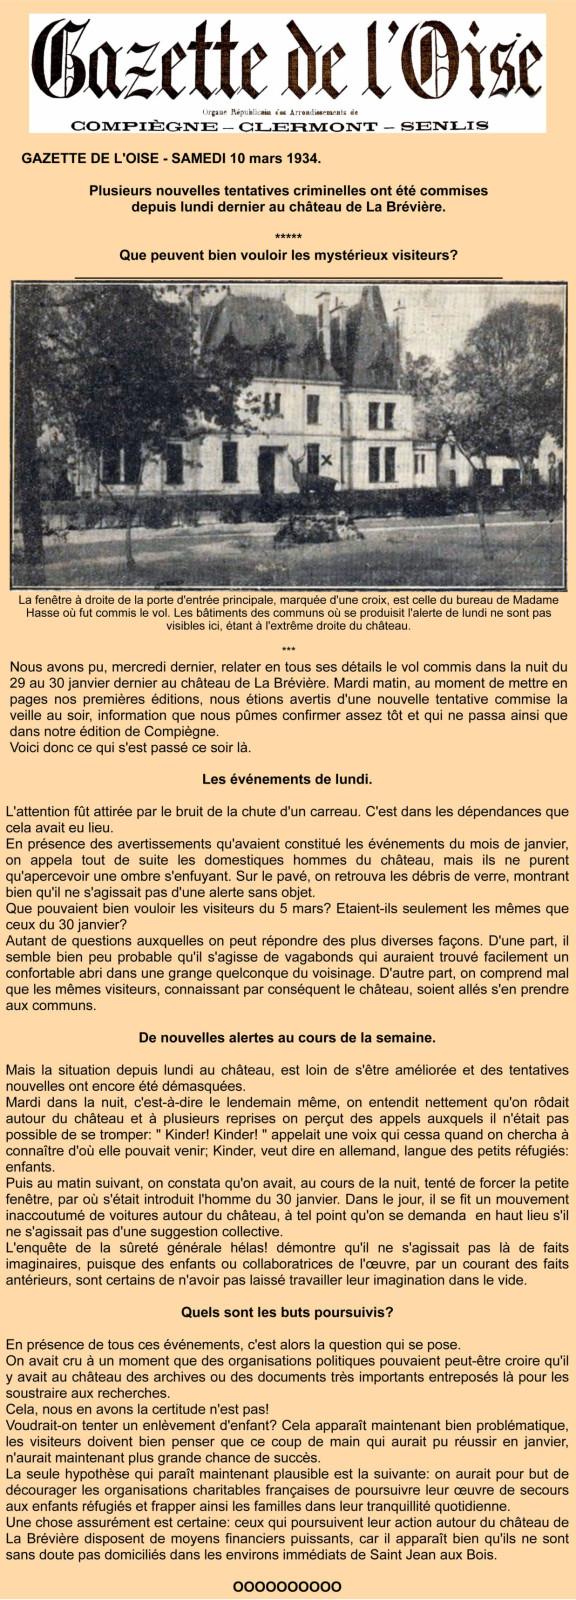 Gazette-de-l-Oise-2b.jpg